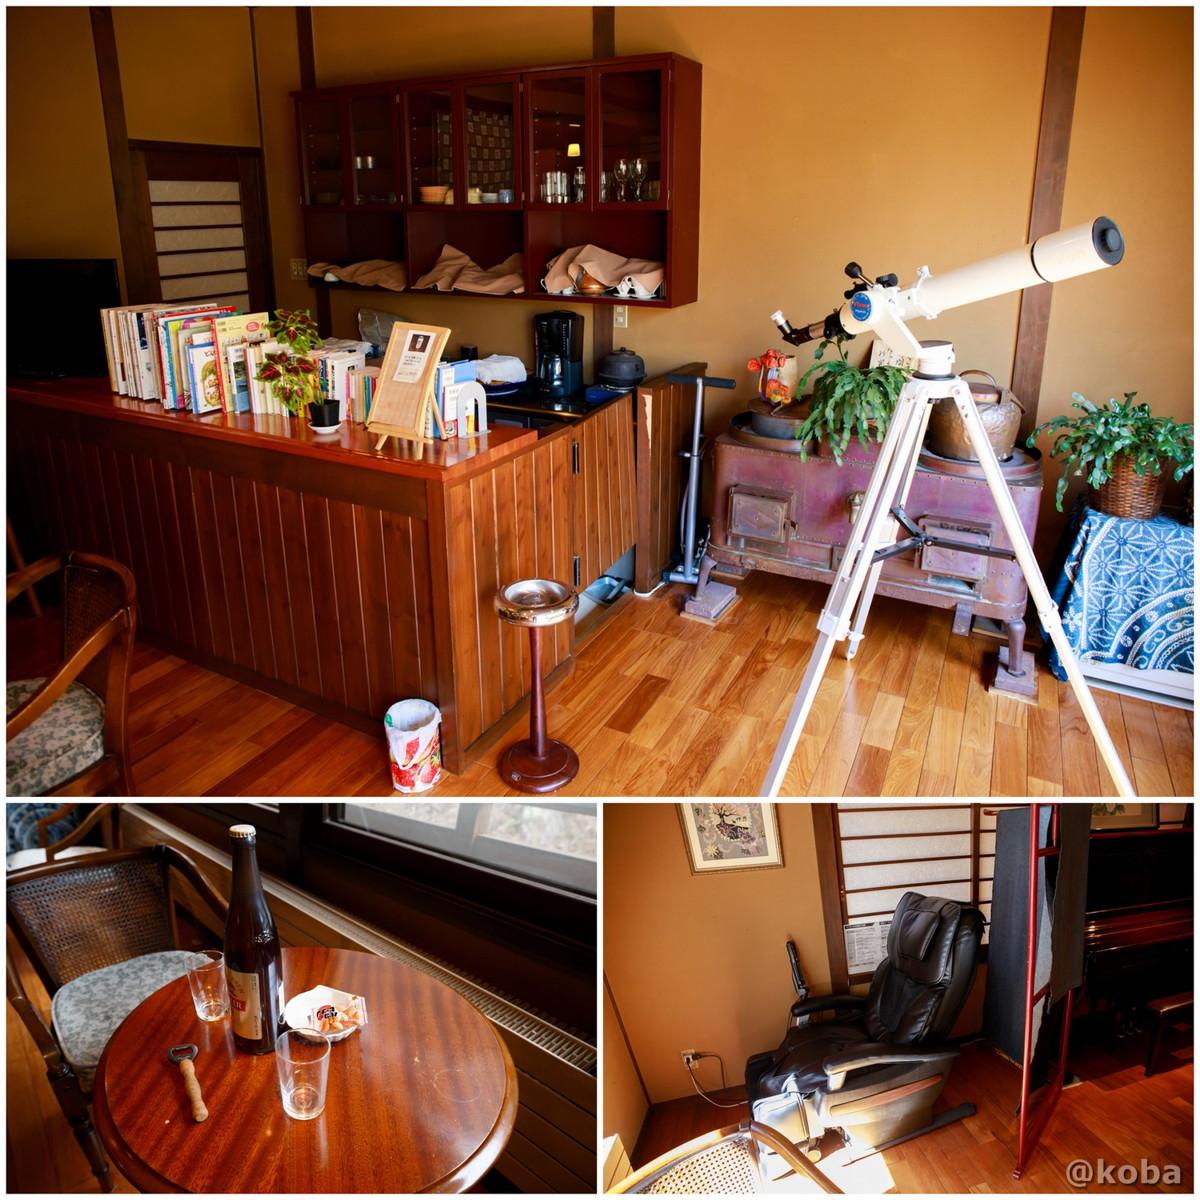 湯上がり休憩室・無料のマッサージチェアーと望遠鏡の写真|内山峠 初谷温泉(うちやまとうげ しょやおんせん)|長野県佐久市